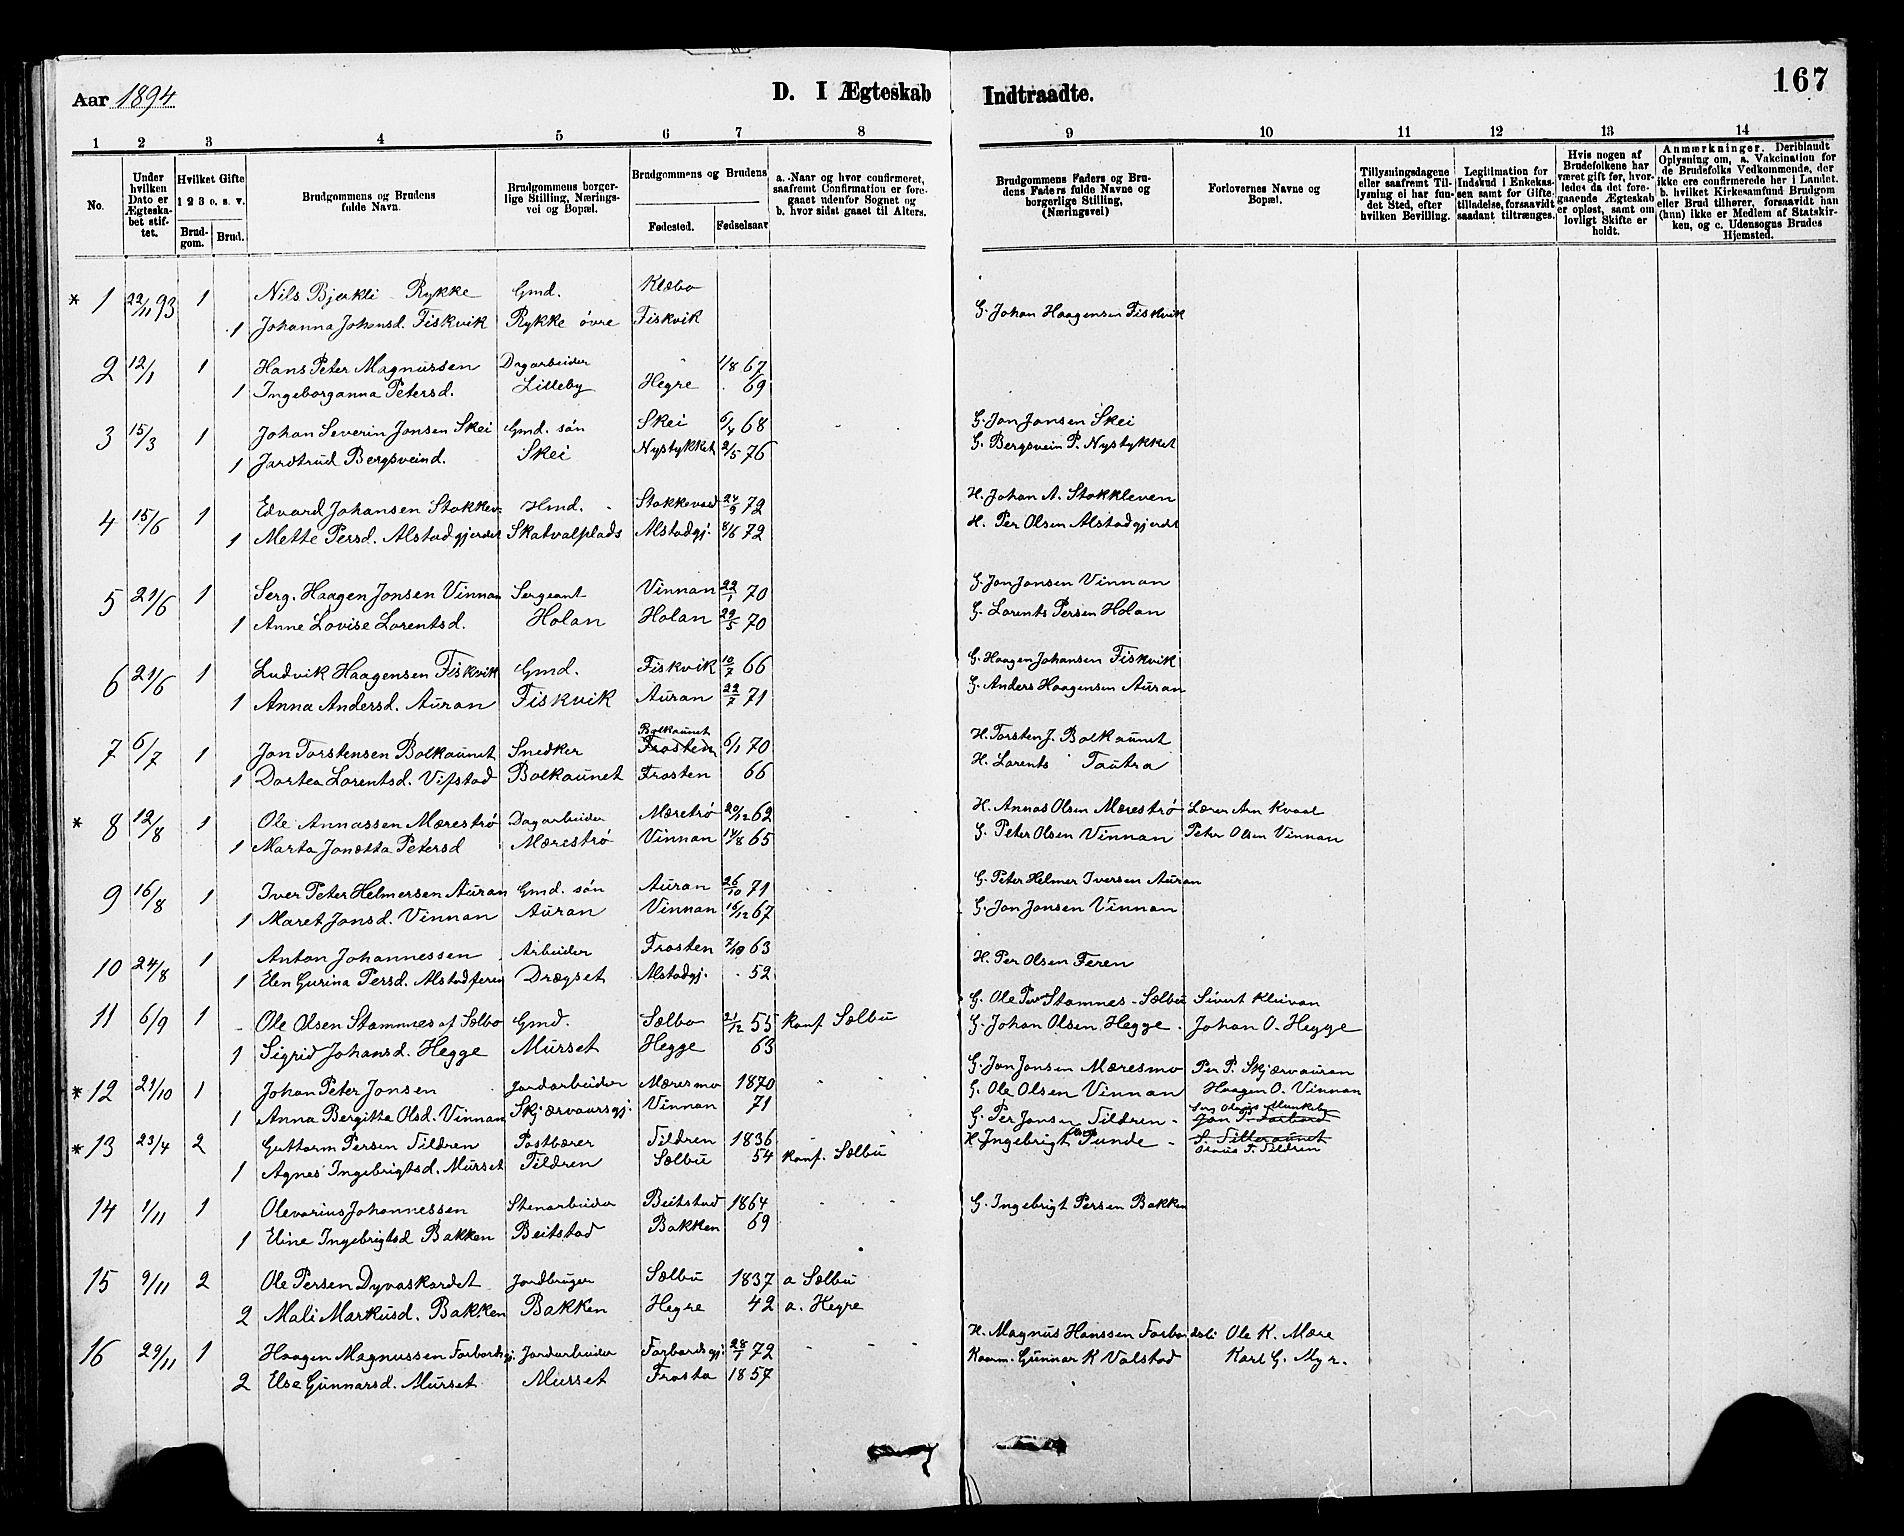 SAT, Ministerialprotokoller, klokkerbøker og fødselsregistre - Nord-Trøndelag, 712/L0103: Klokkerbok nr. 712C01, 1878-1917, s. 167